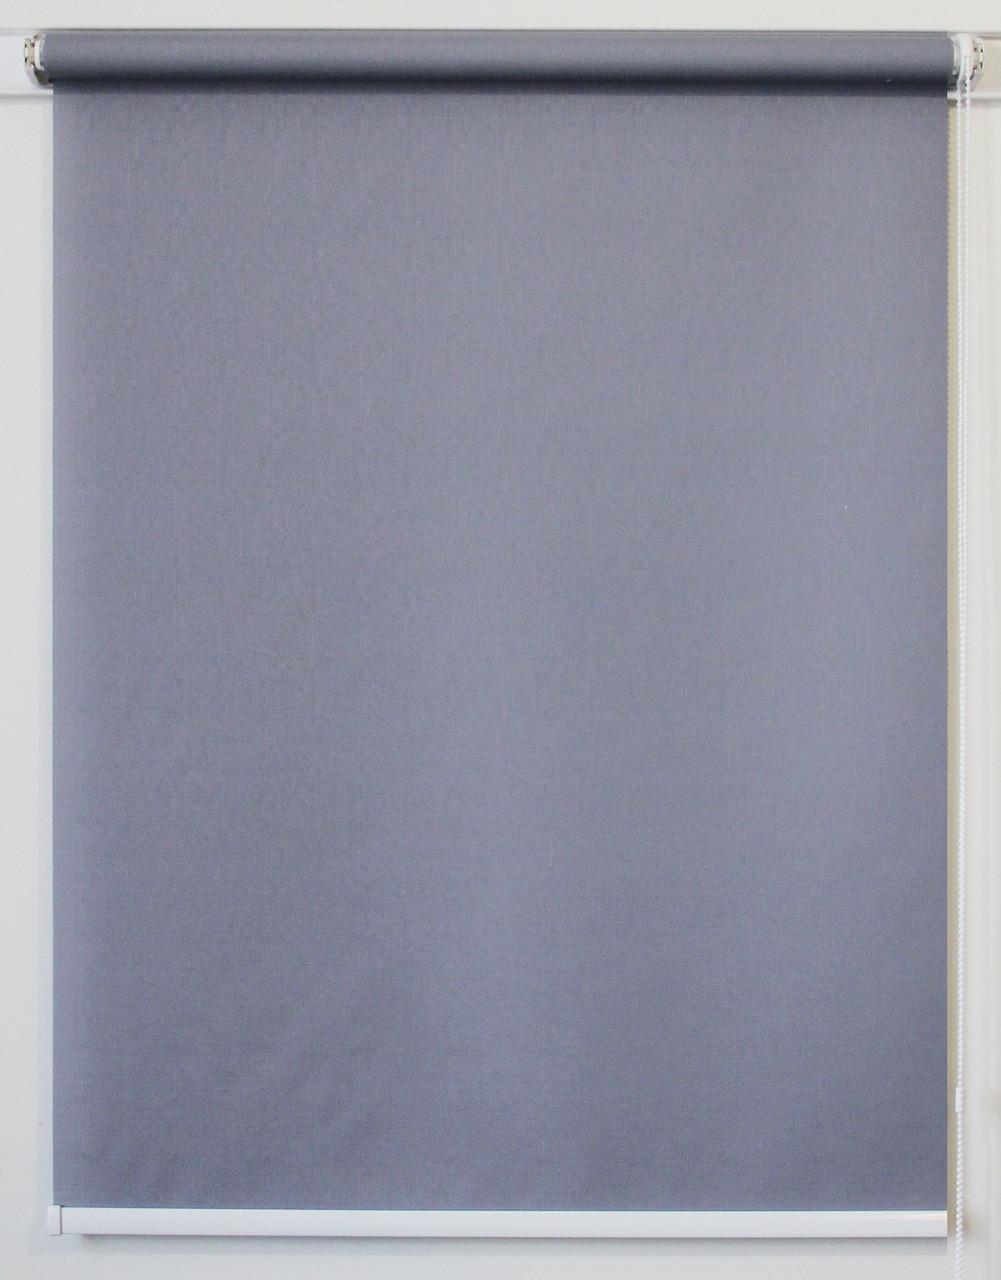 Рулонная штора 700*1500 Ткань Лён 7436 Серый